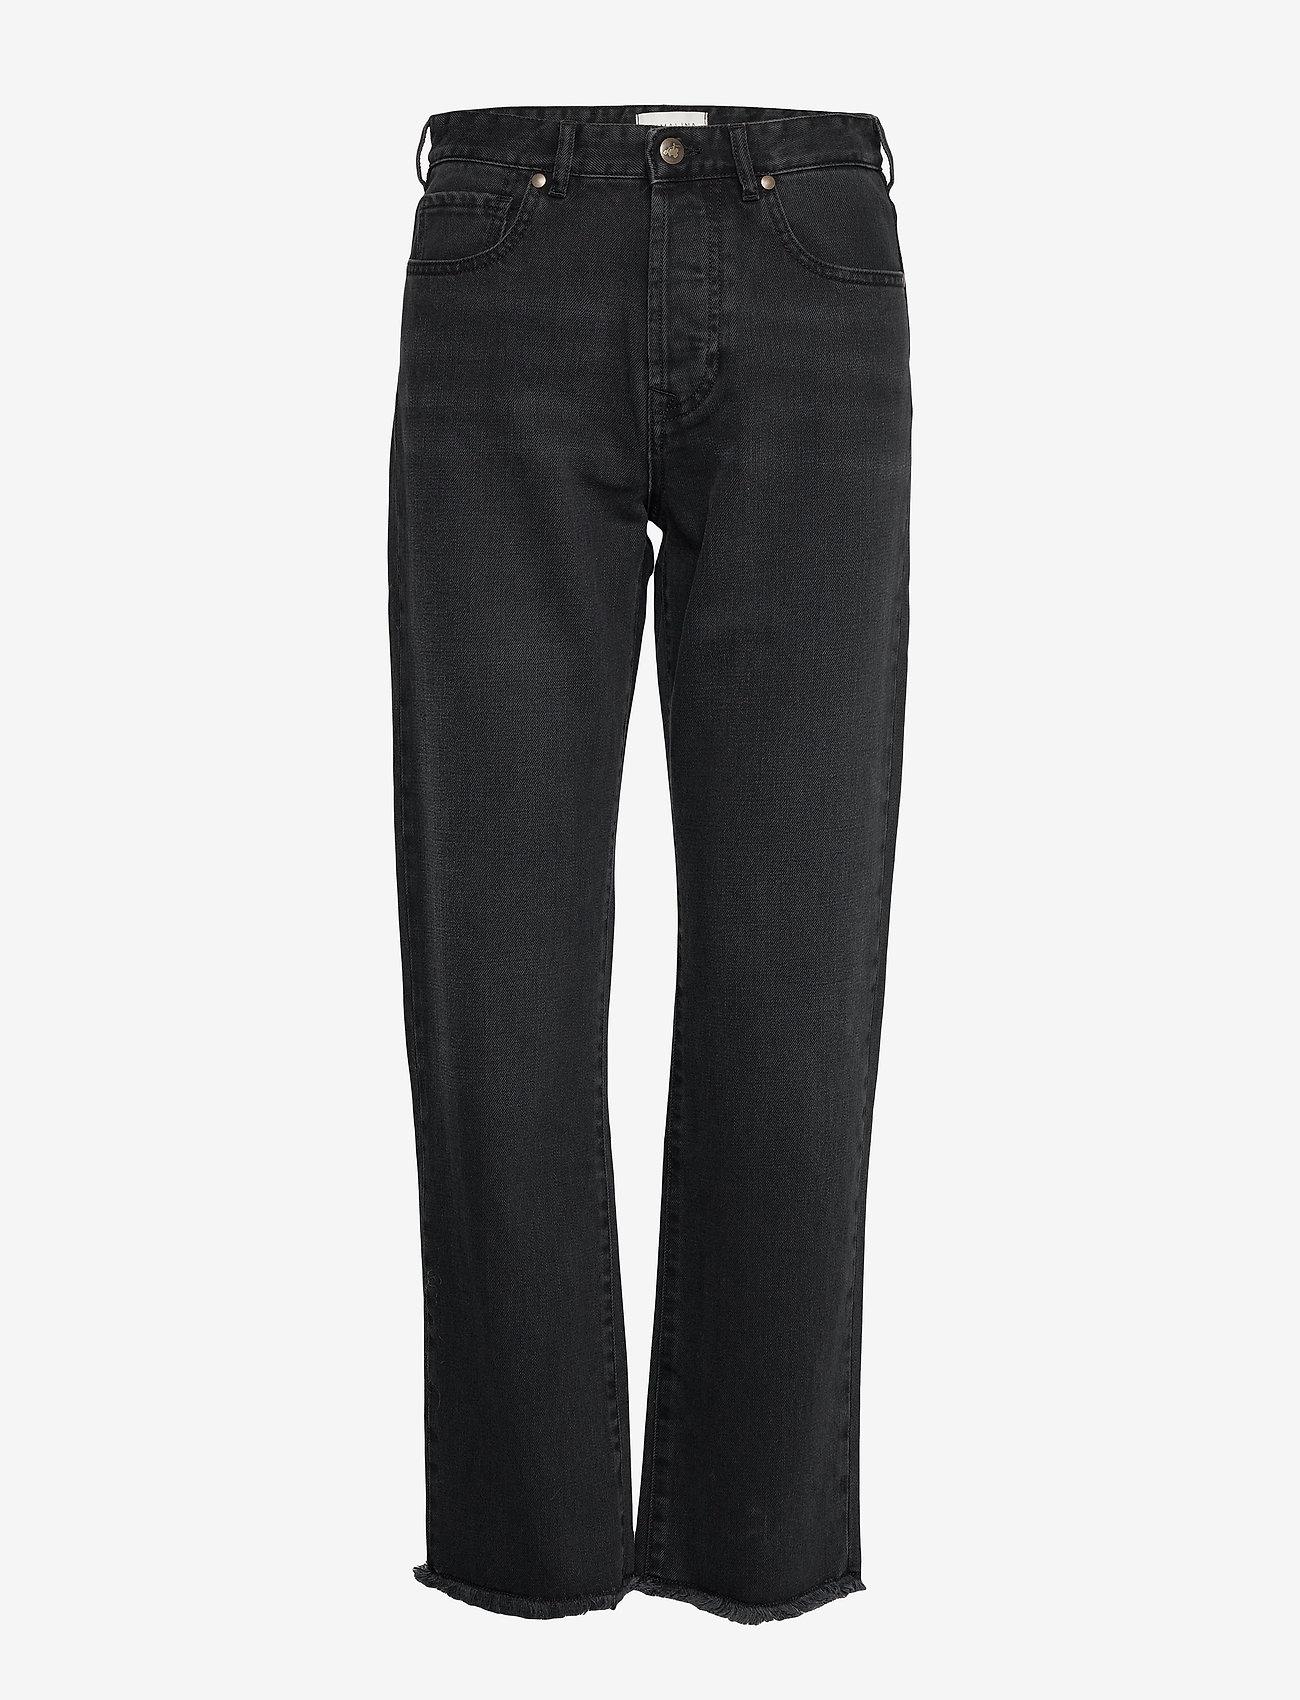 By Malina - Alexa jeans - straight jeans - black - 1